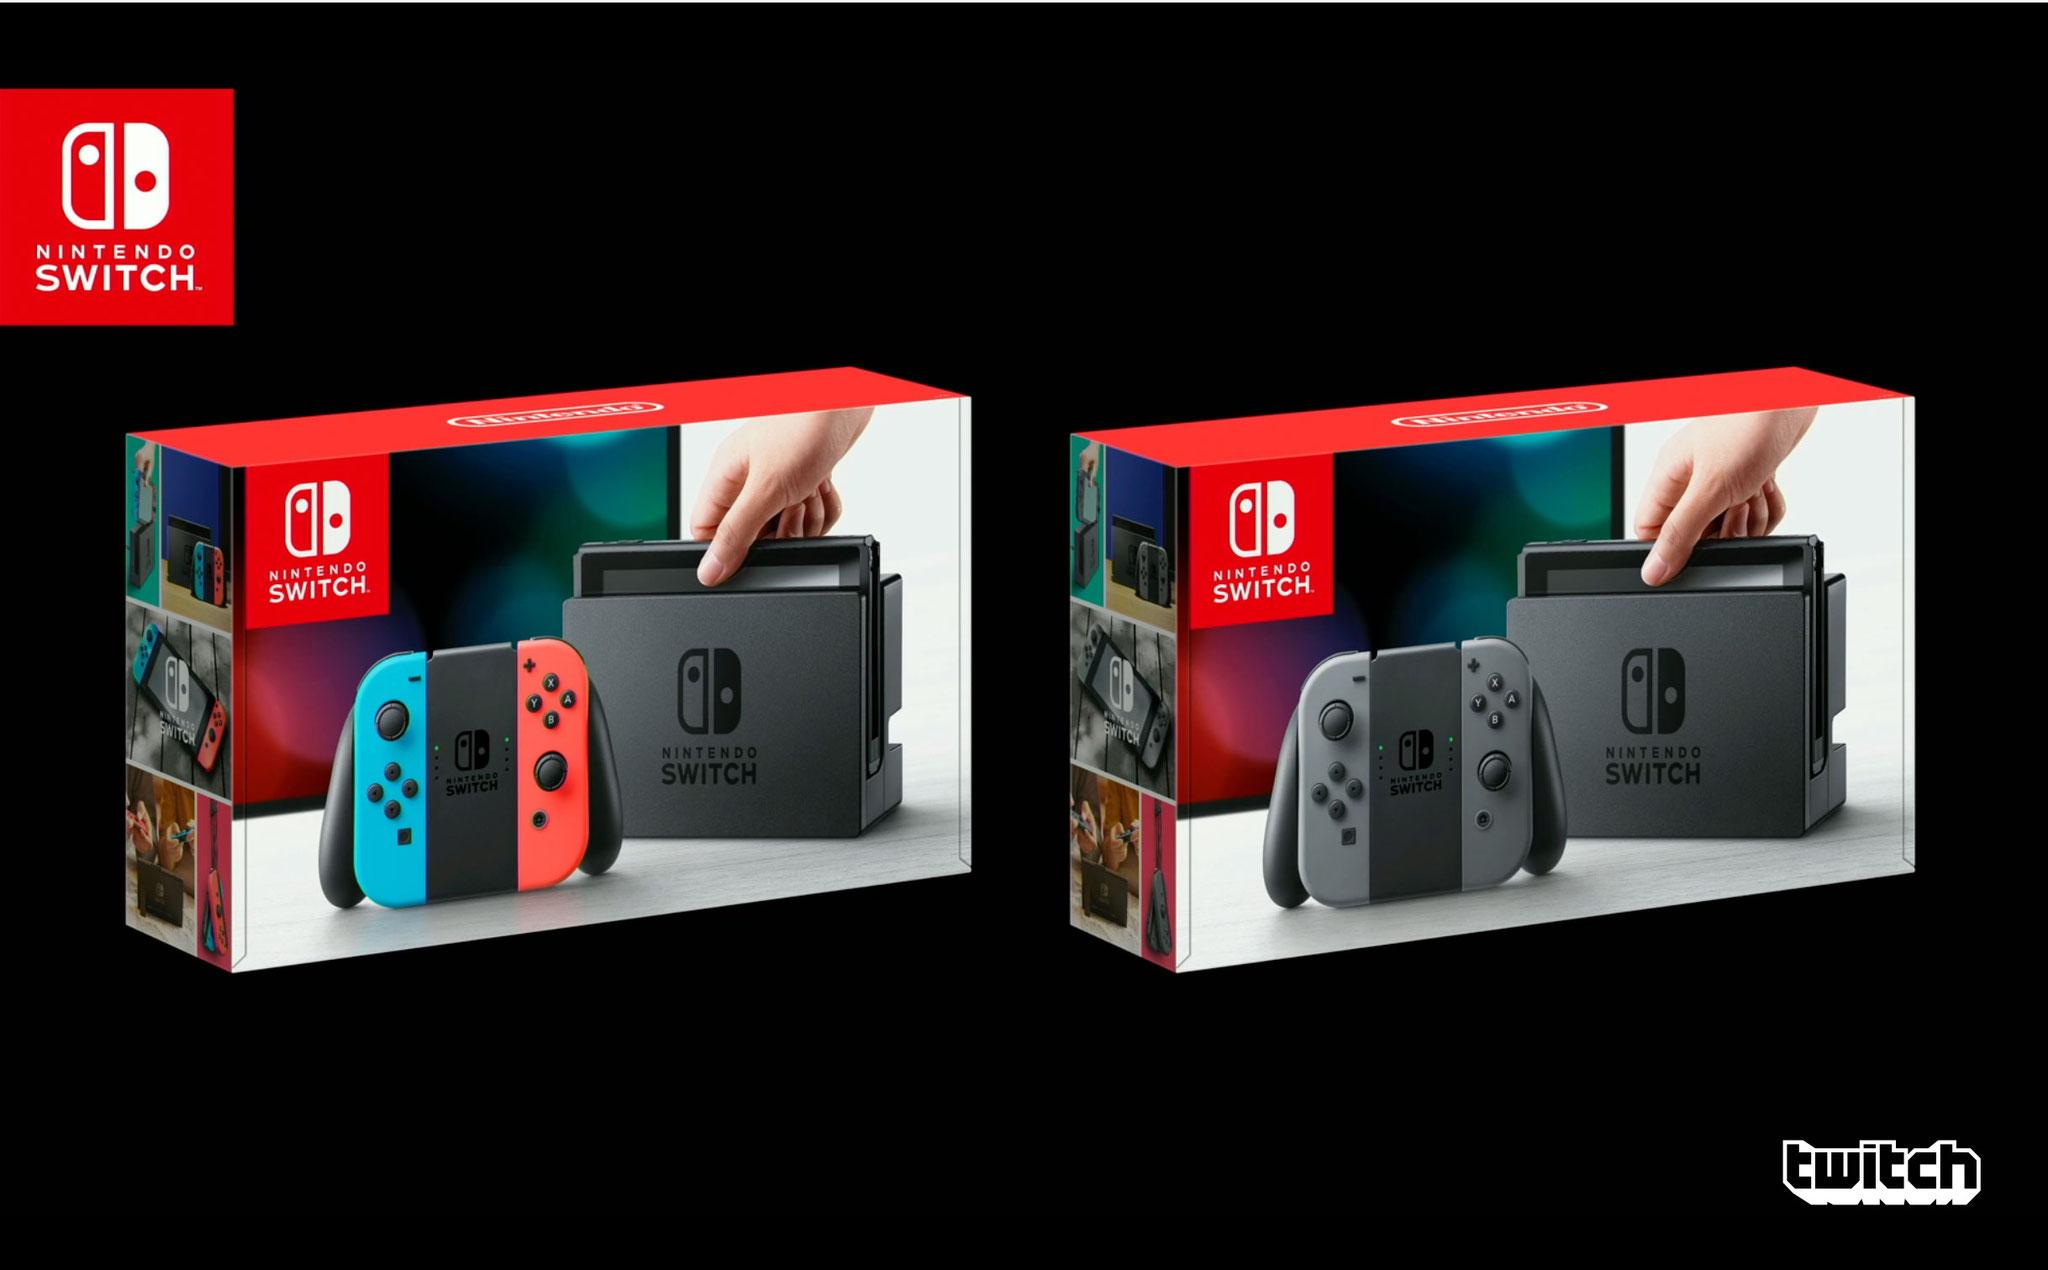 Das Switch-Paket in zwei Ausführungen - einmal mit schwarzen, das andere Mal mit bunten Joy-Cons